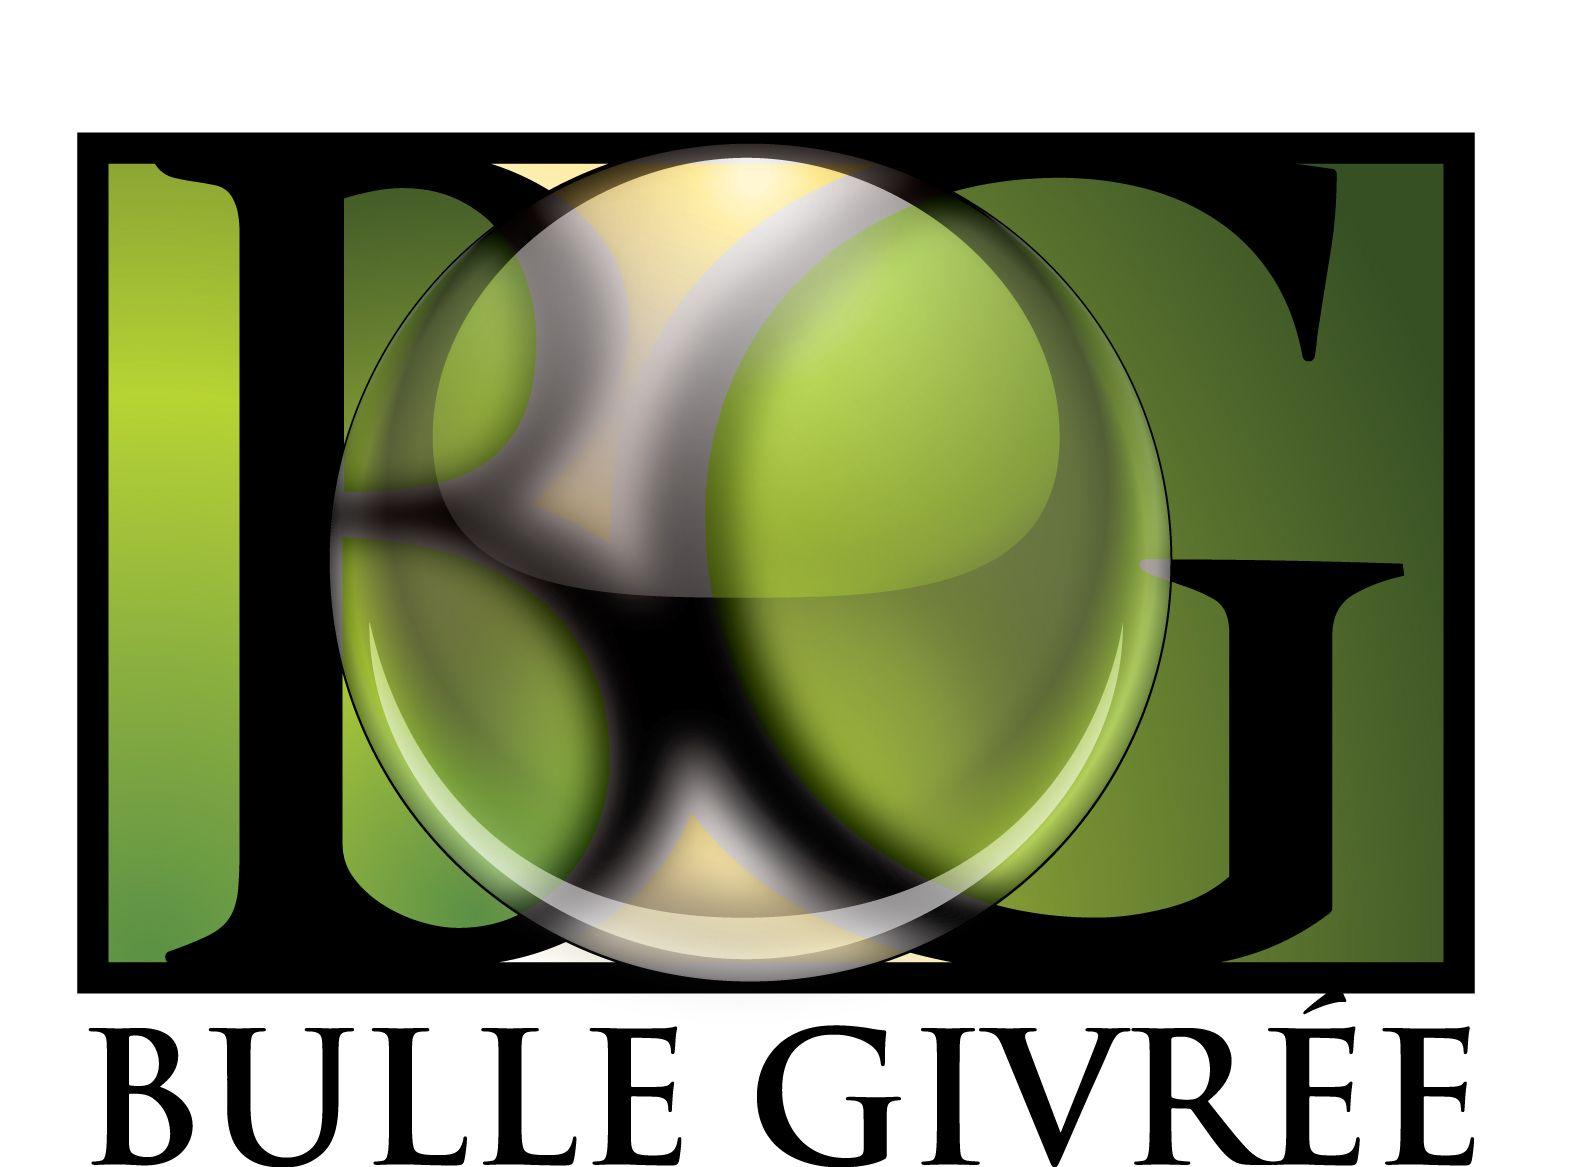 Vitrail Bulle Givree Mauricie Fait La Creation Originale Et Exclusive De Vitraux Laissez Vous Tenter Par Ce Bel Univers De Couleur Et Stained Glass Bulle Glass